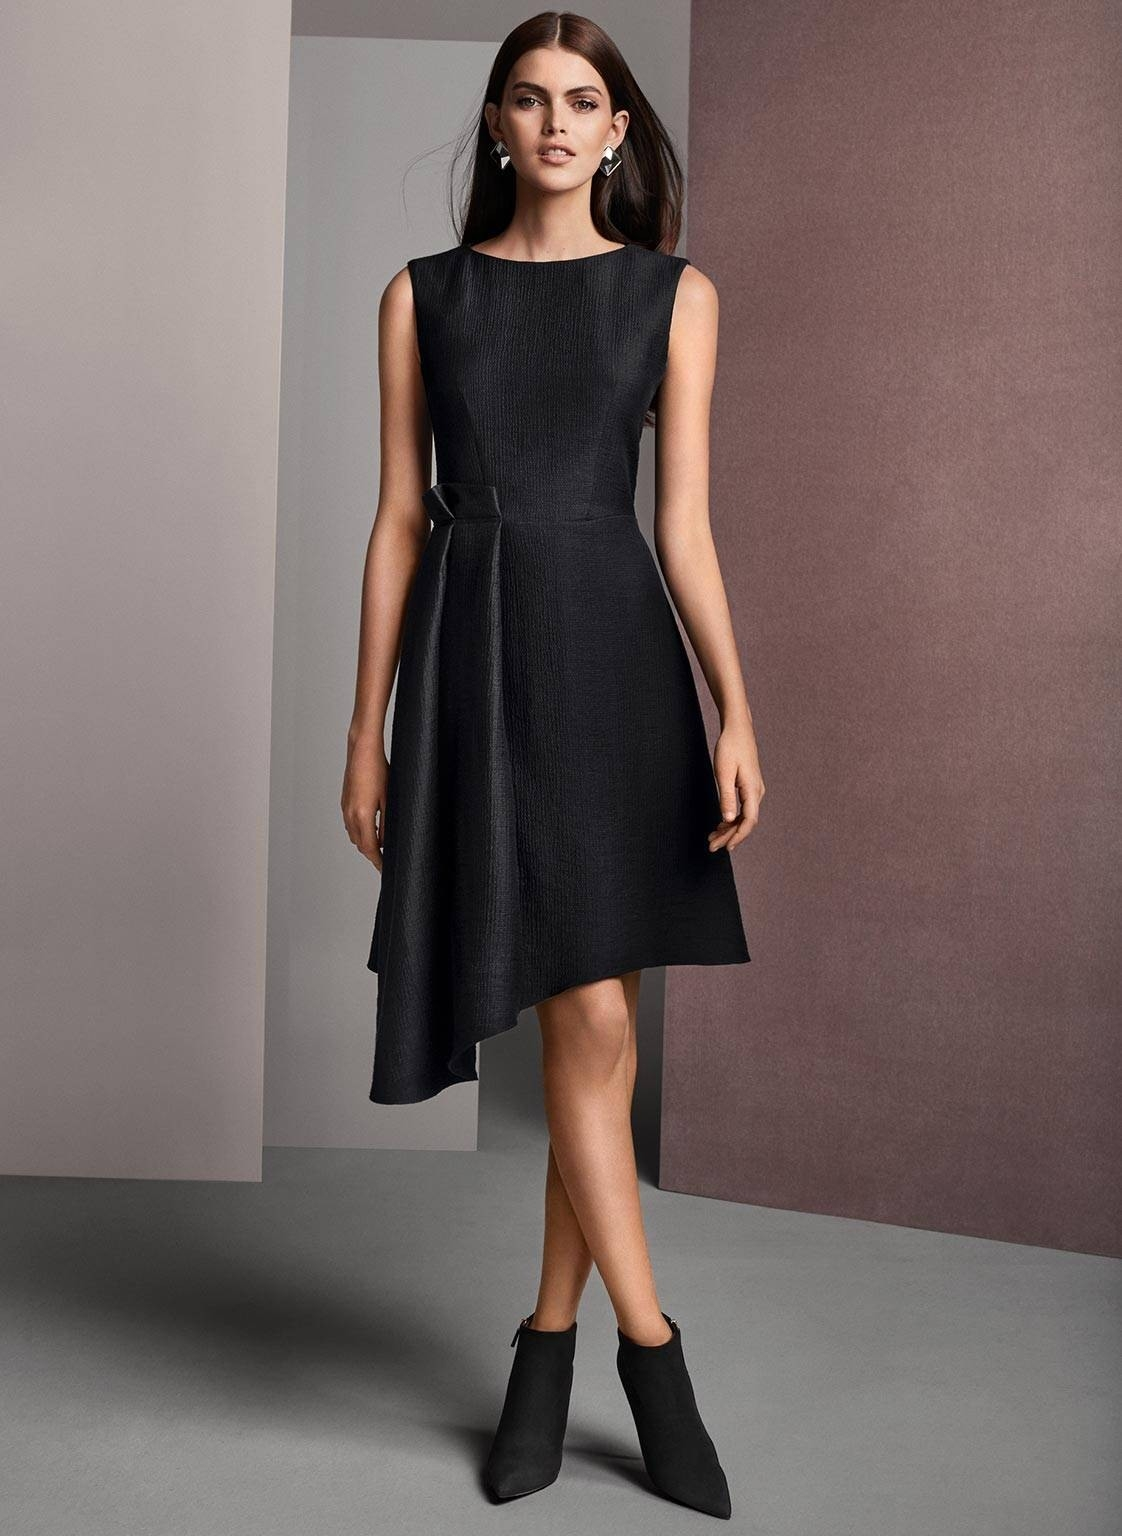 13 Einfach Damen Kleider Knielang SpezialgebietFormal Perfekt Damen Kleider Knielang Ärmel